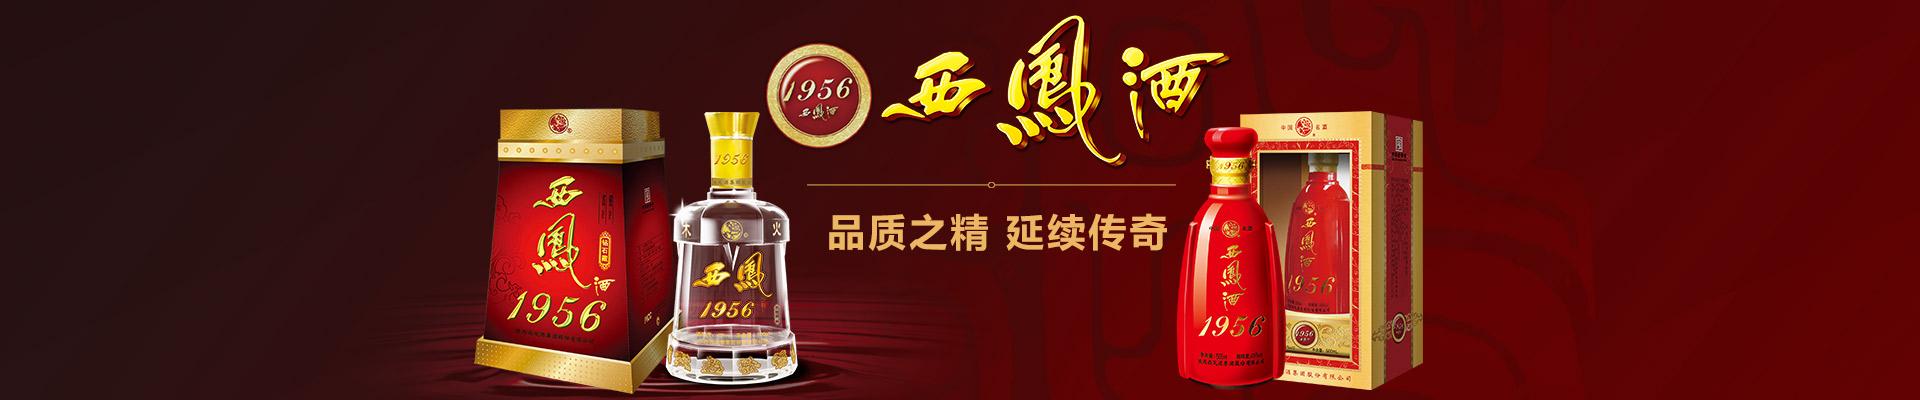 陕西1956西凤酒品牌运营管理有限公司